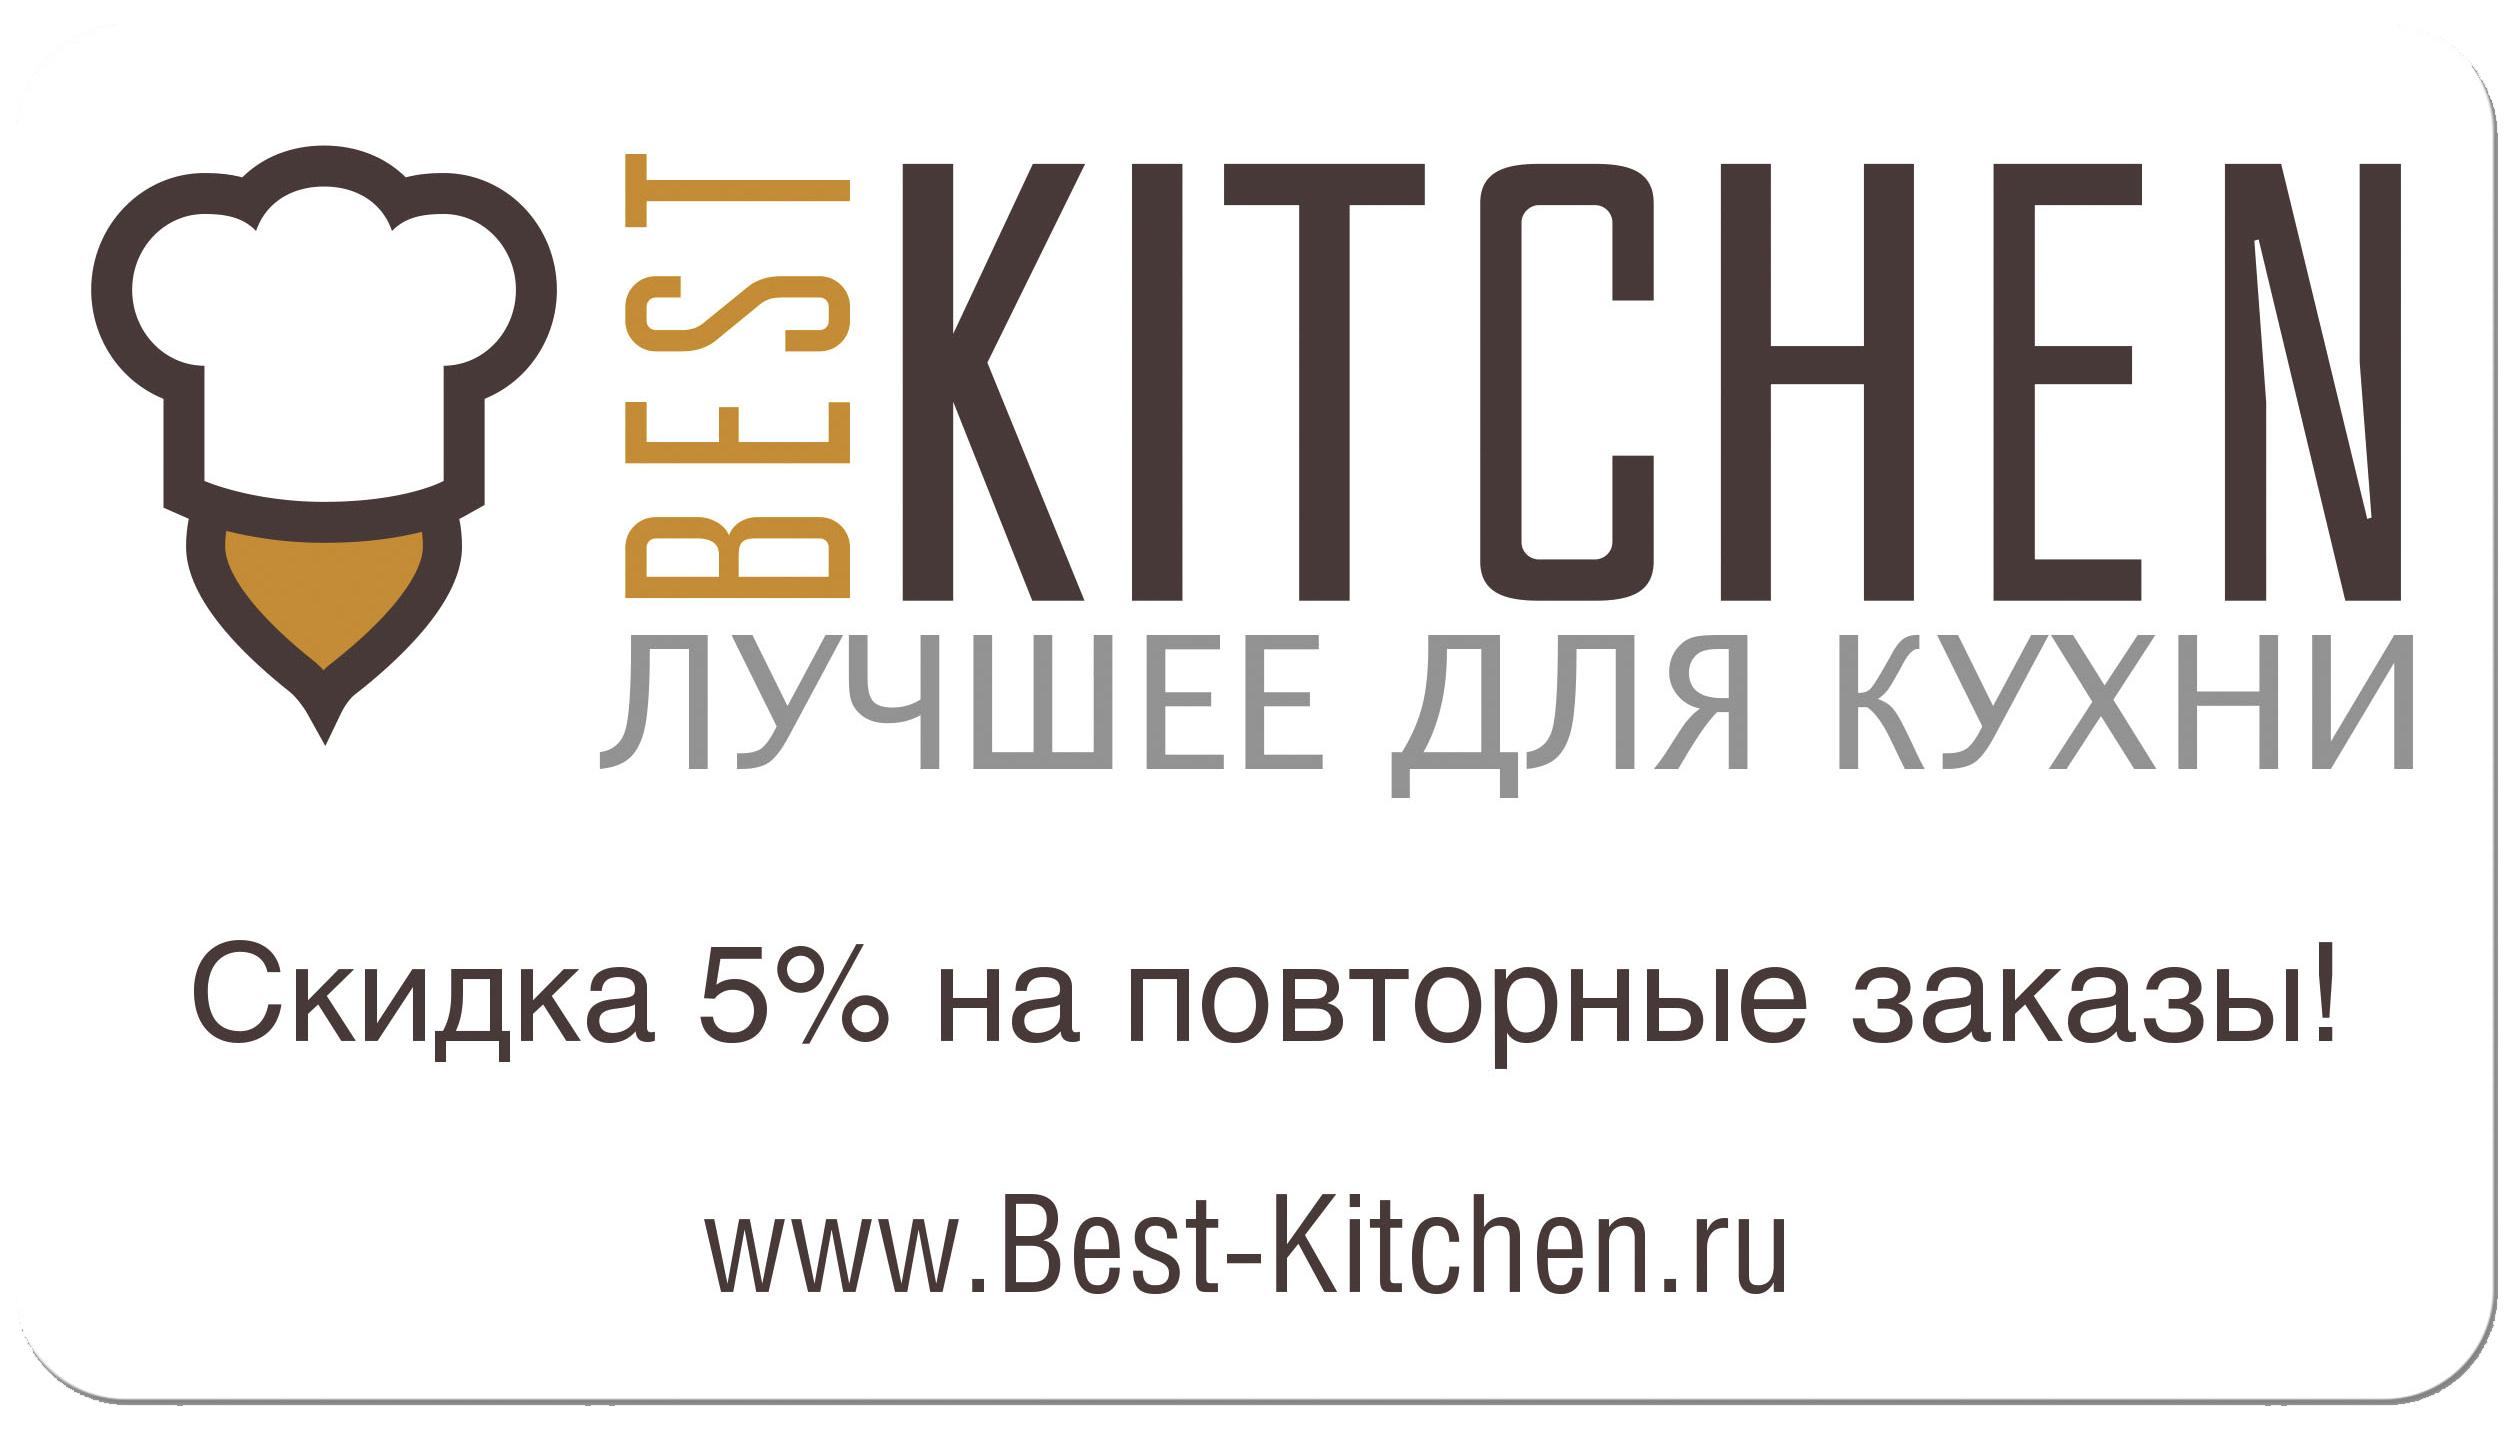 Best-Kitchen_50x90.jpg